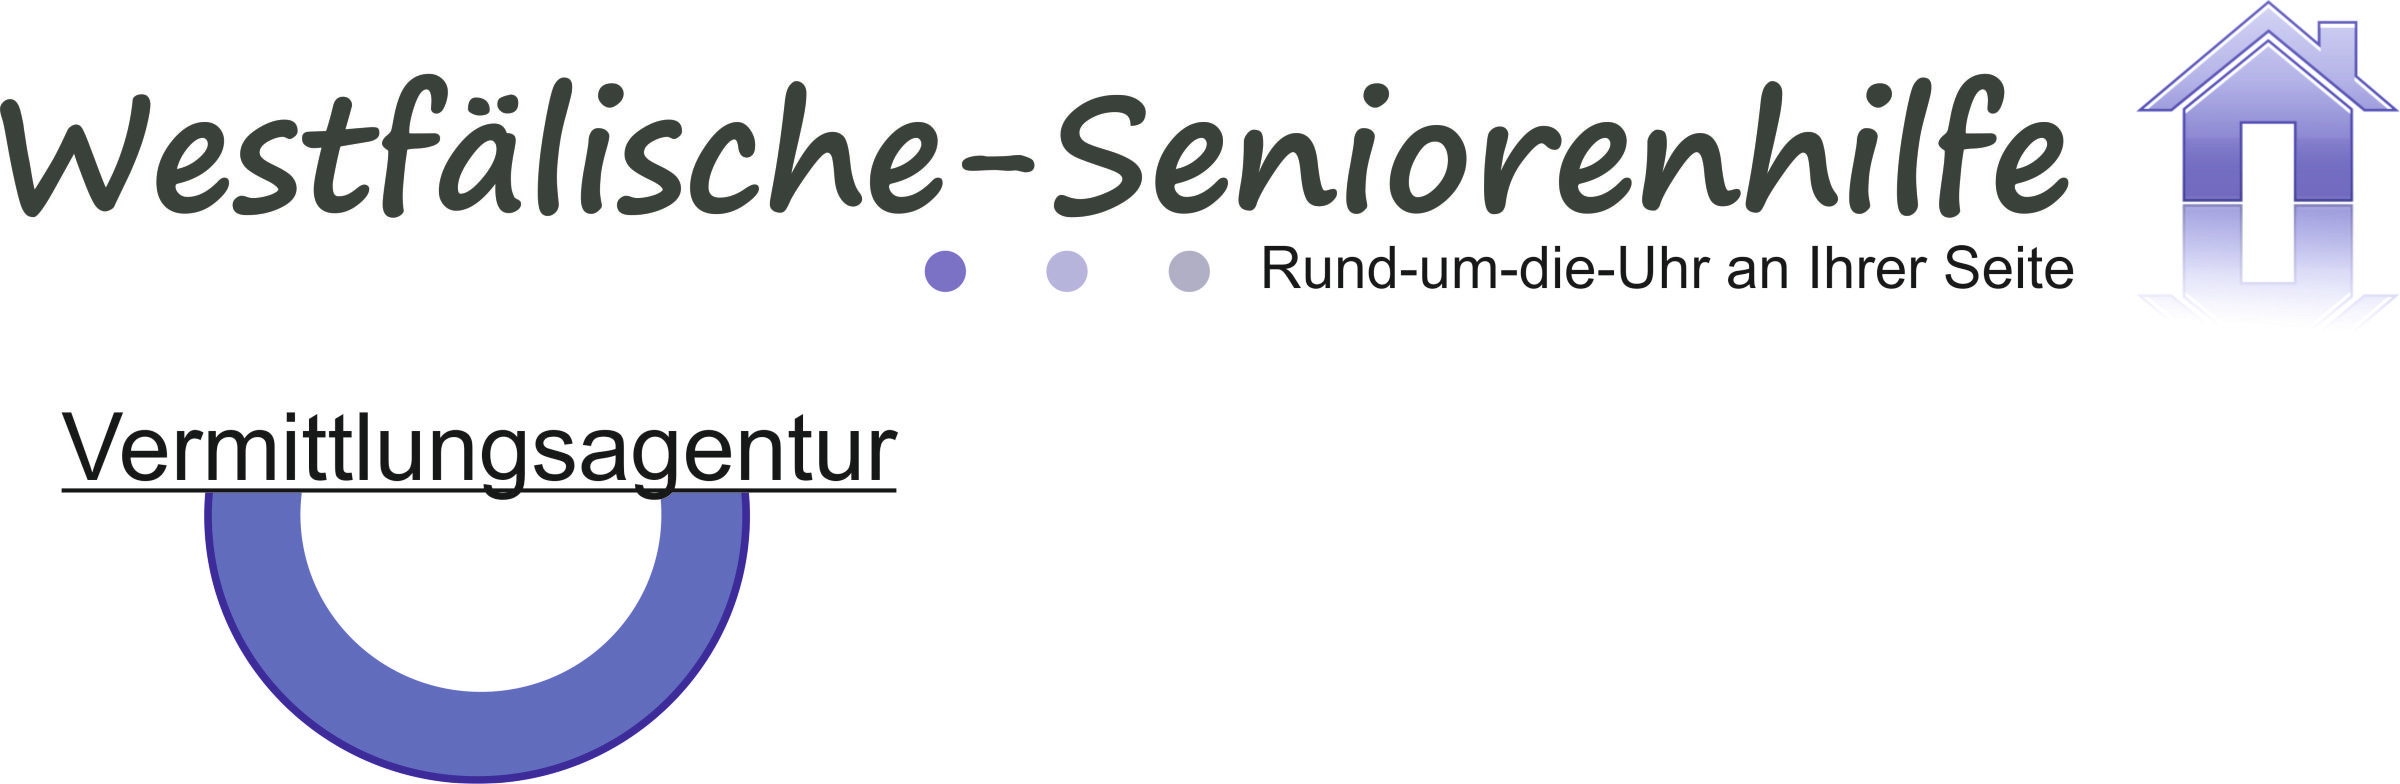 Logo Westfälische Seniorenhilfe